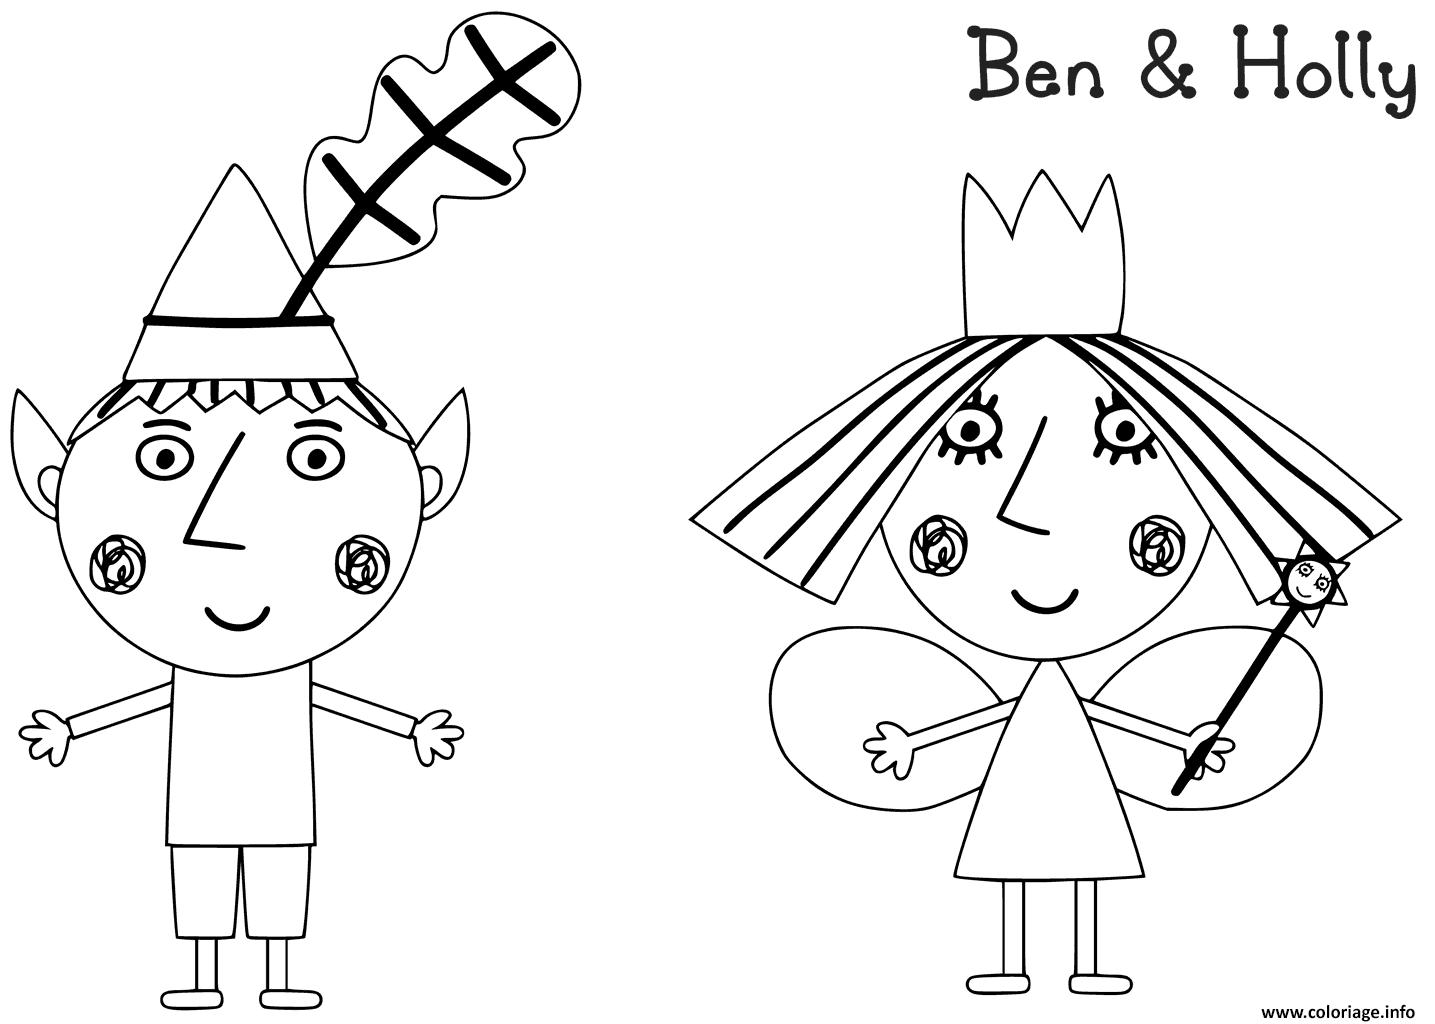 Dessin Le Petit Royaume de Ben et Holly 2 Coloriage Gratuit à Imprimer